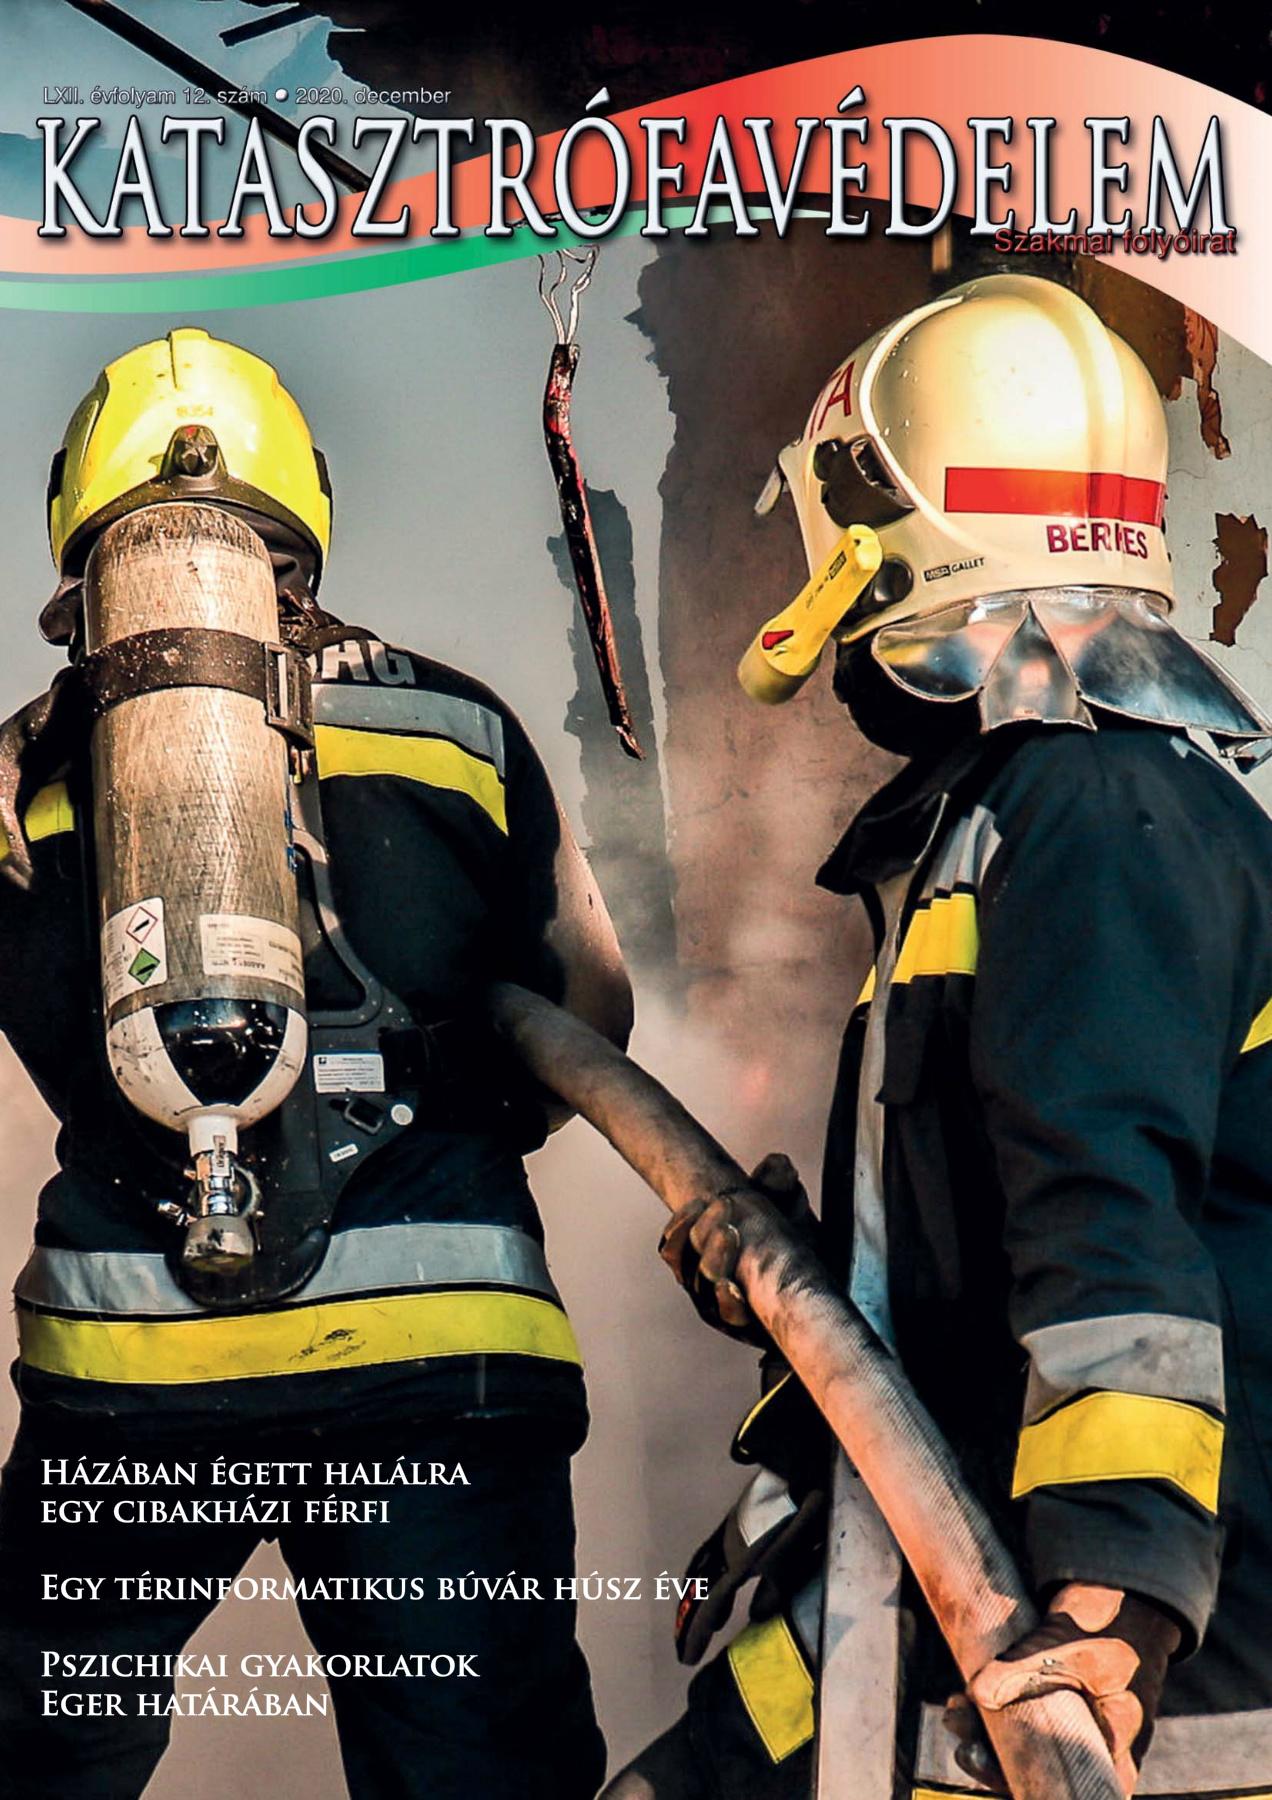 A Katasztrófavédelem magazin LXII. évfolyam 12. szám megtekintése